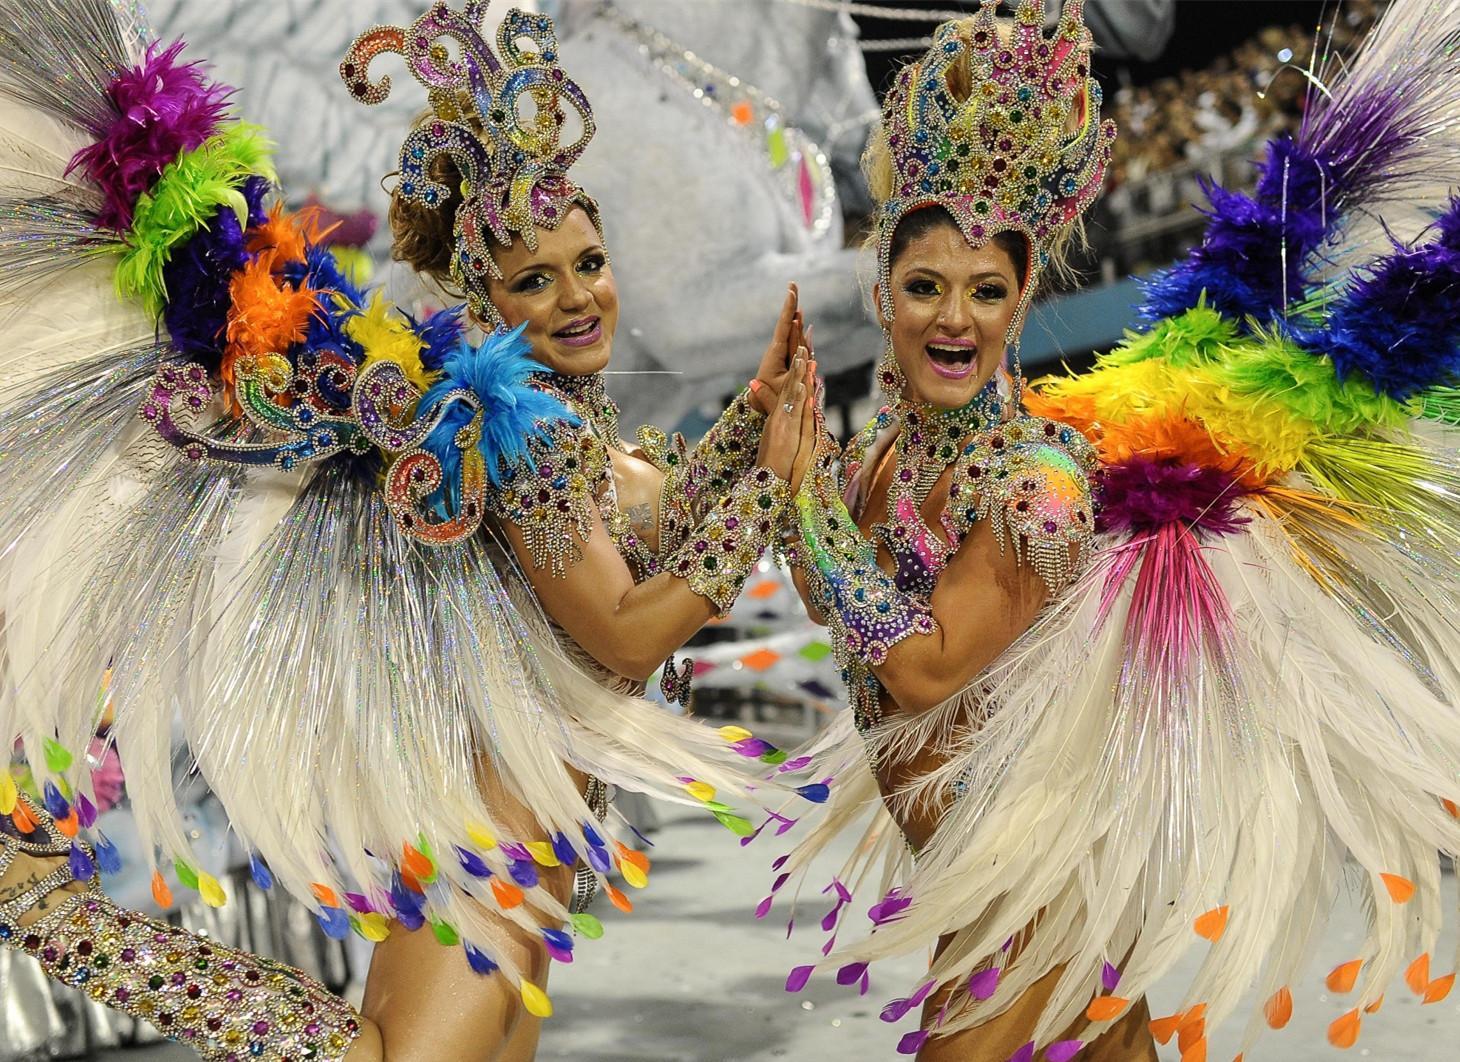 狂欢节(Shrovetide)